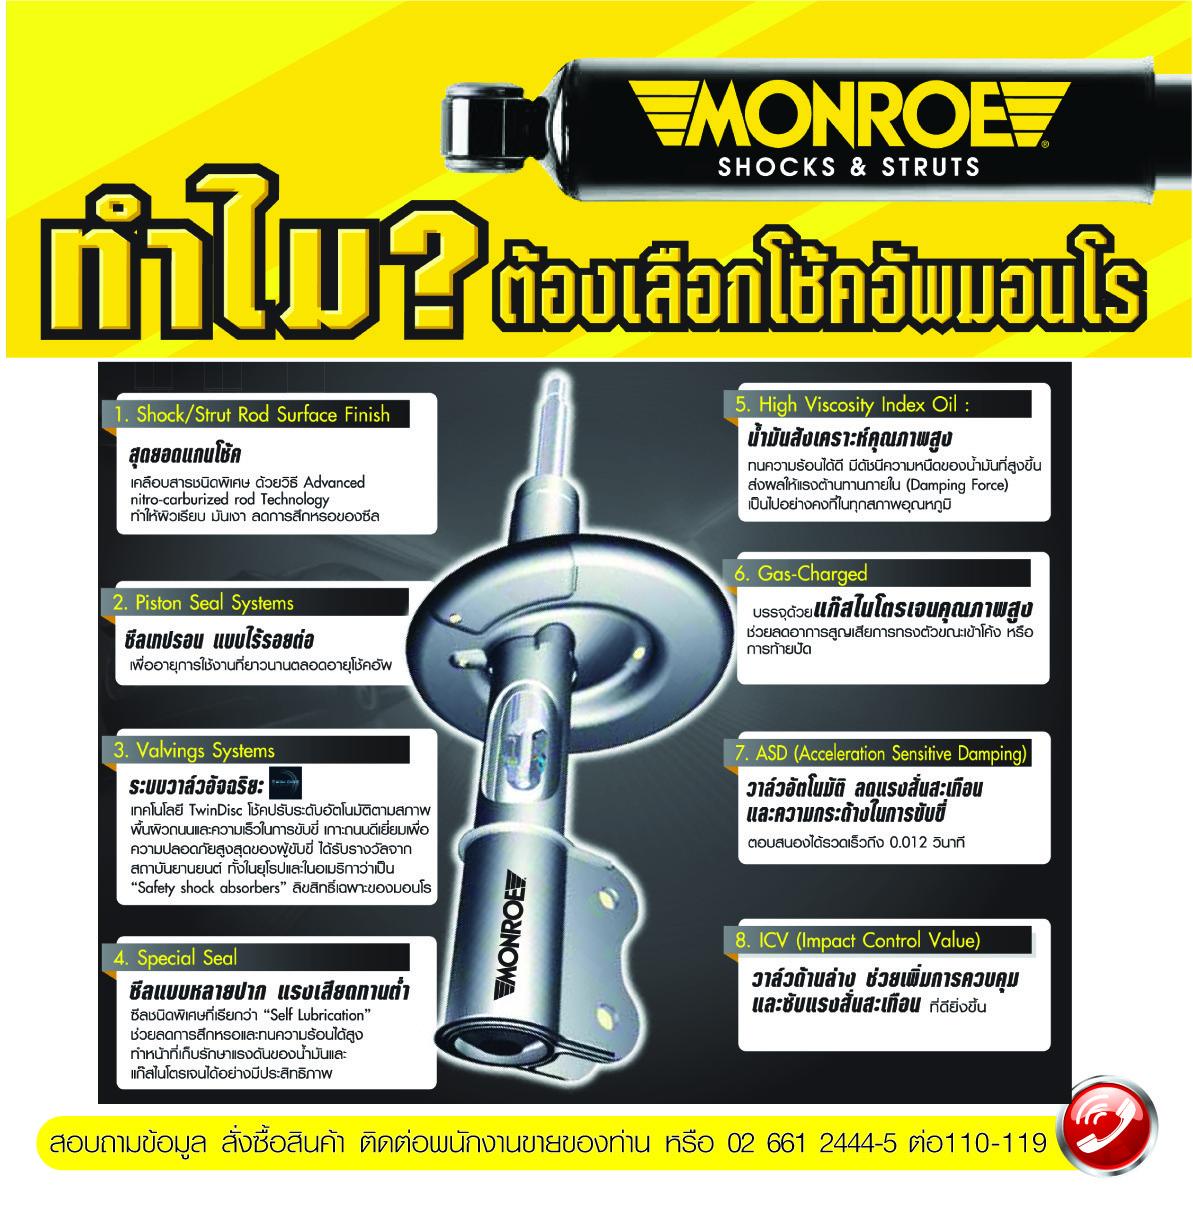 โช๊คอัพ ฟอร์ด โฟกัส ปี11-15 Monroe Original